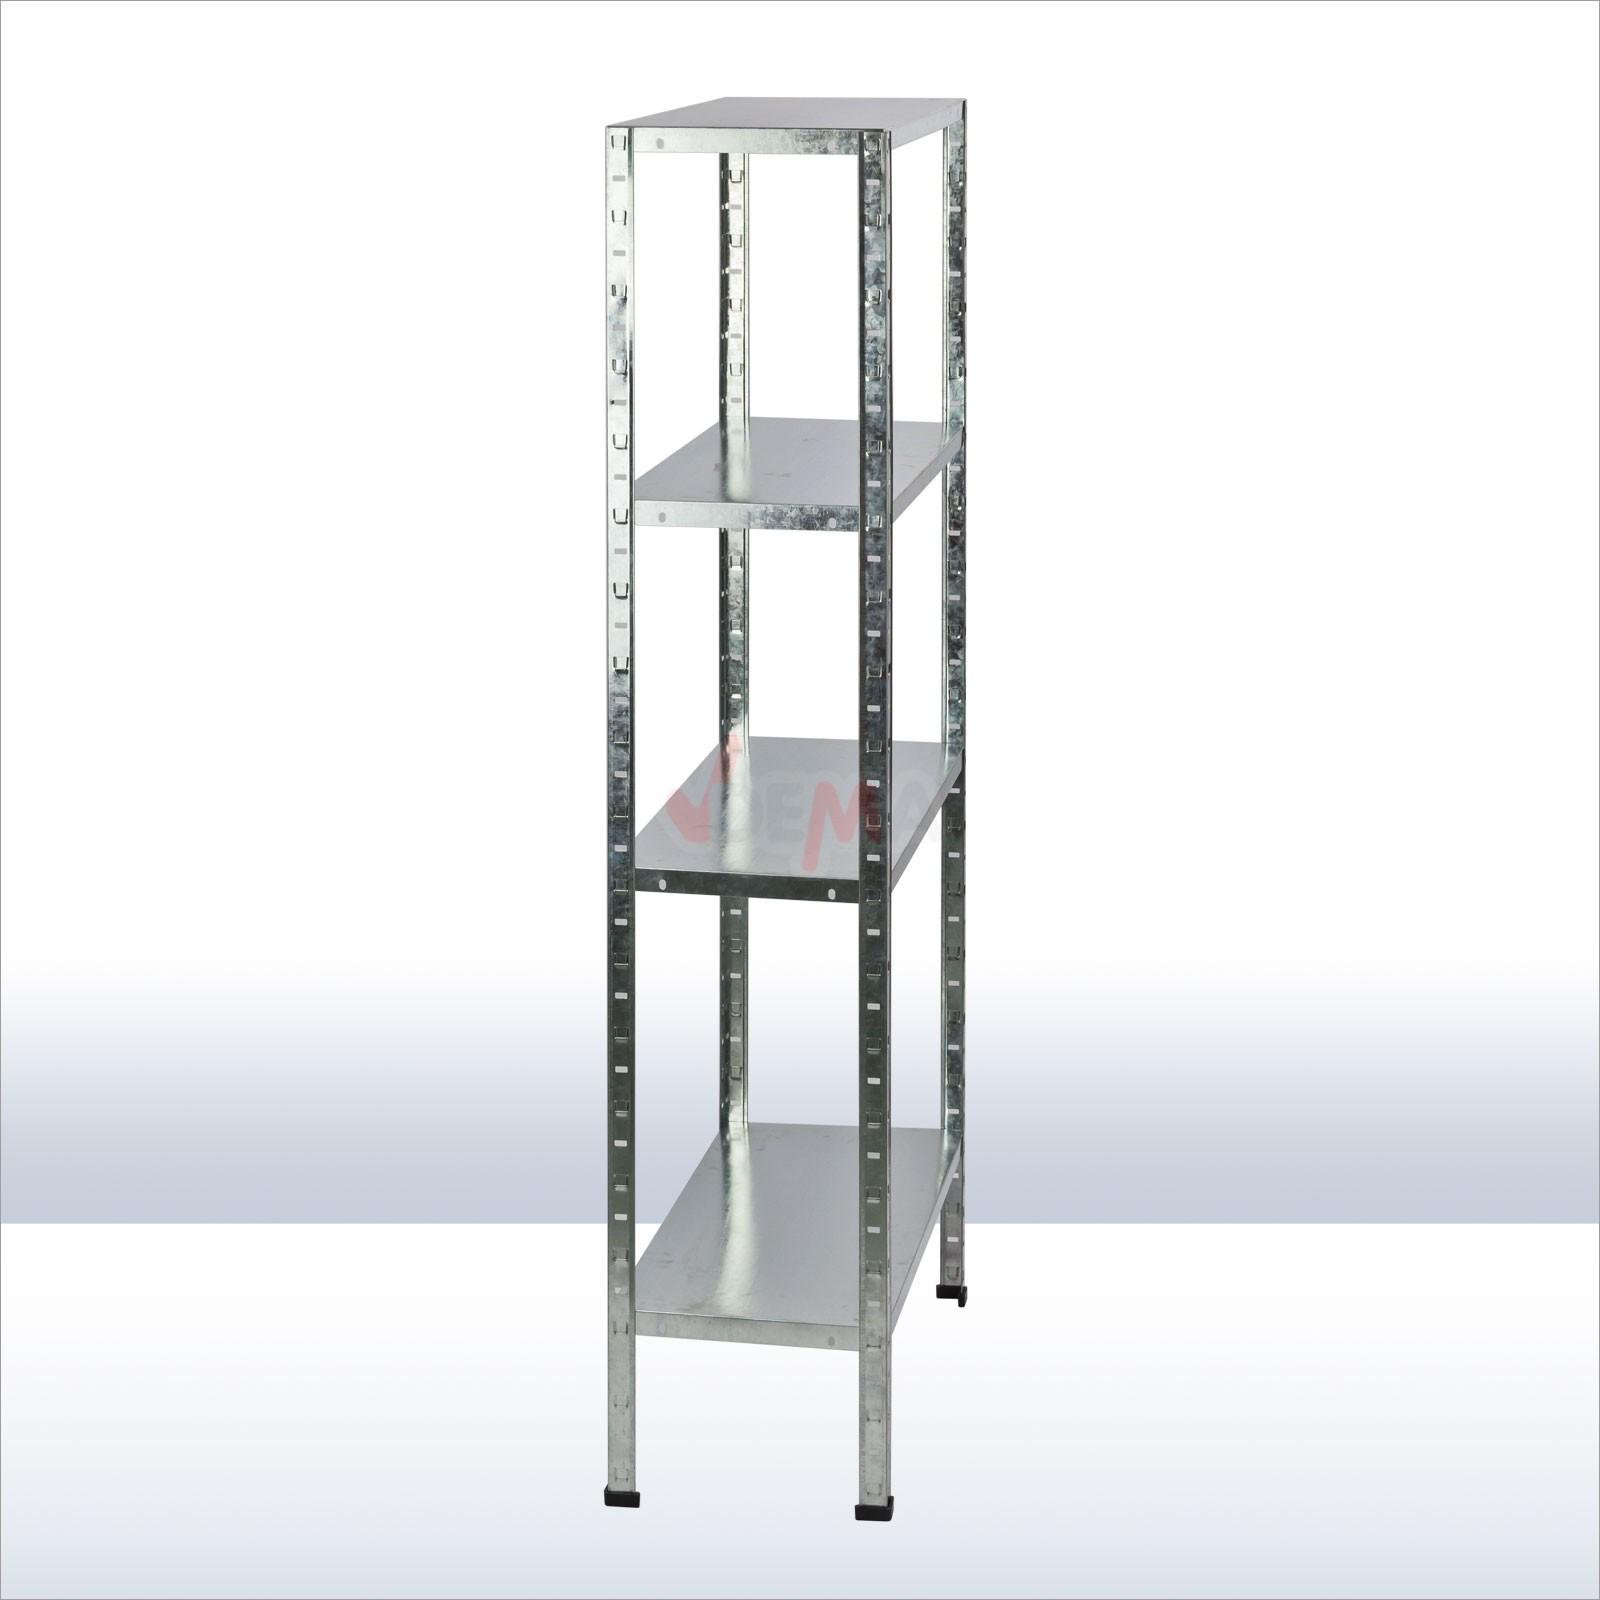 metall steckregal 4 b den 200 kg kellerregal haushaltsregal vorratsregal 15027 ebay. Black Bedroom Furniture Sets. Home Design Ideas